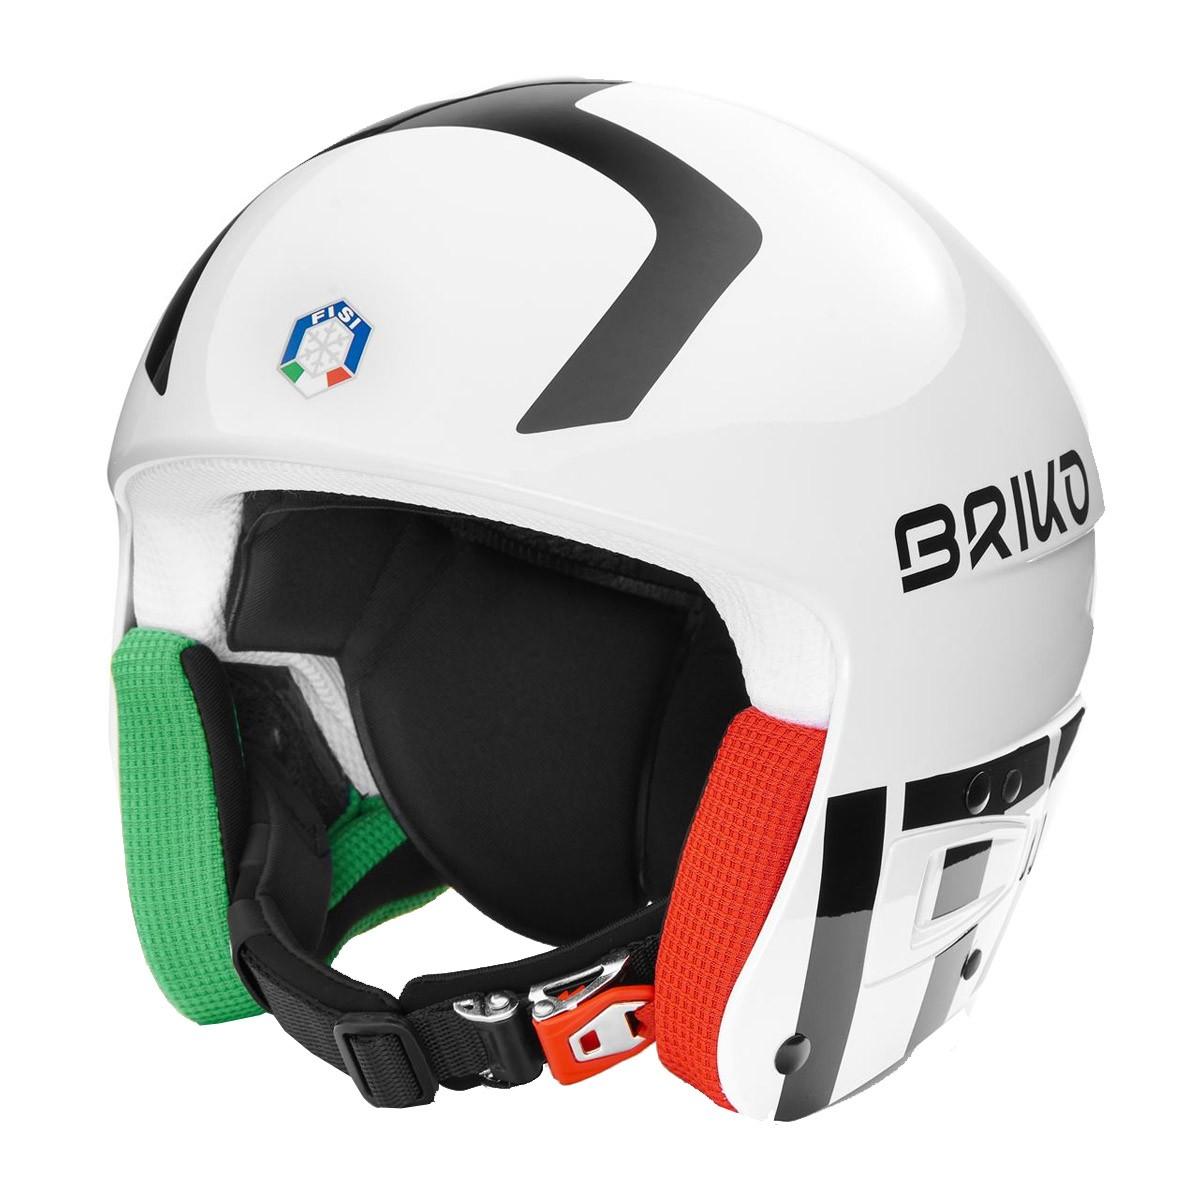 Casco sci Briko Vulcano 6.8 (Colore: shiny white black, Taglia: S/M)